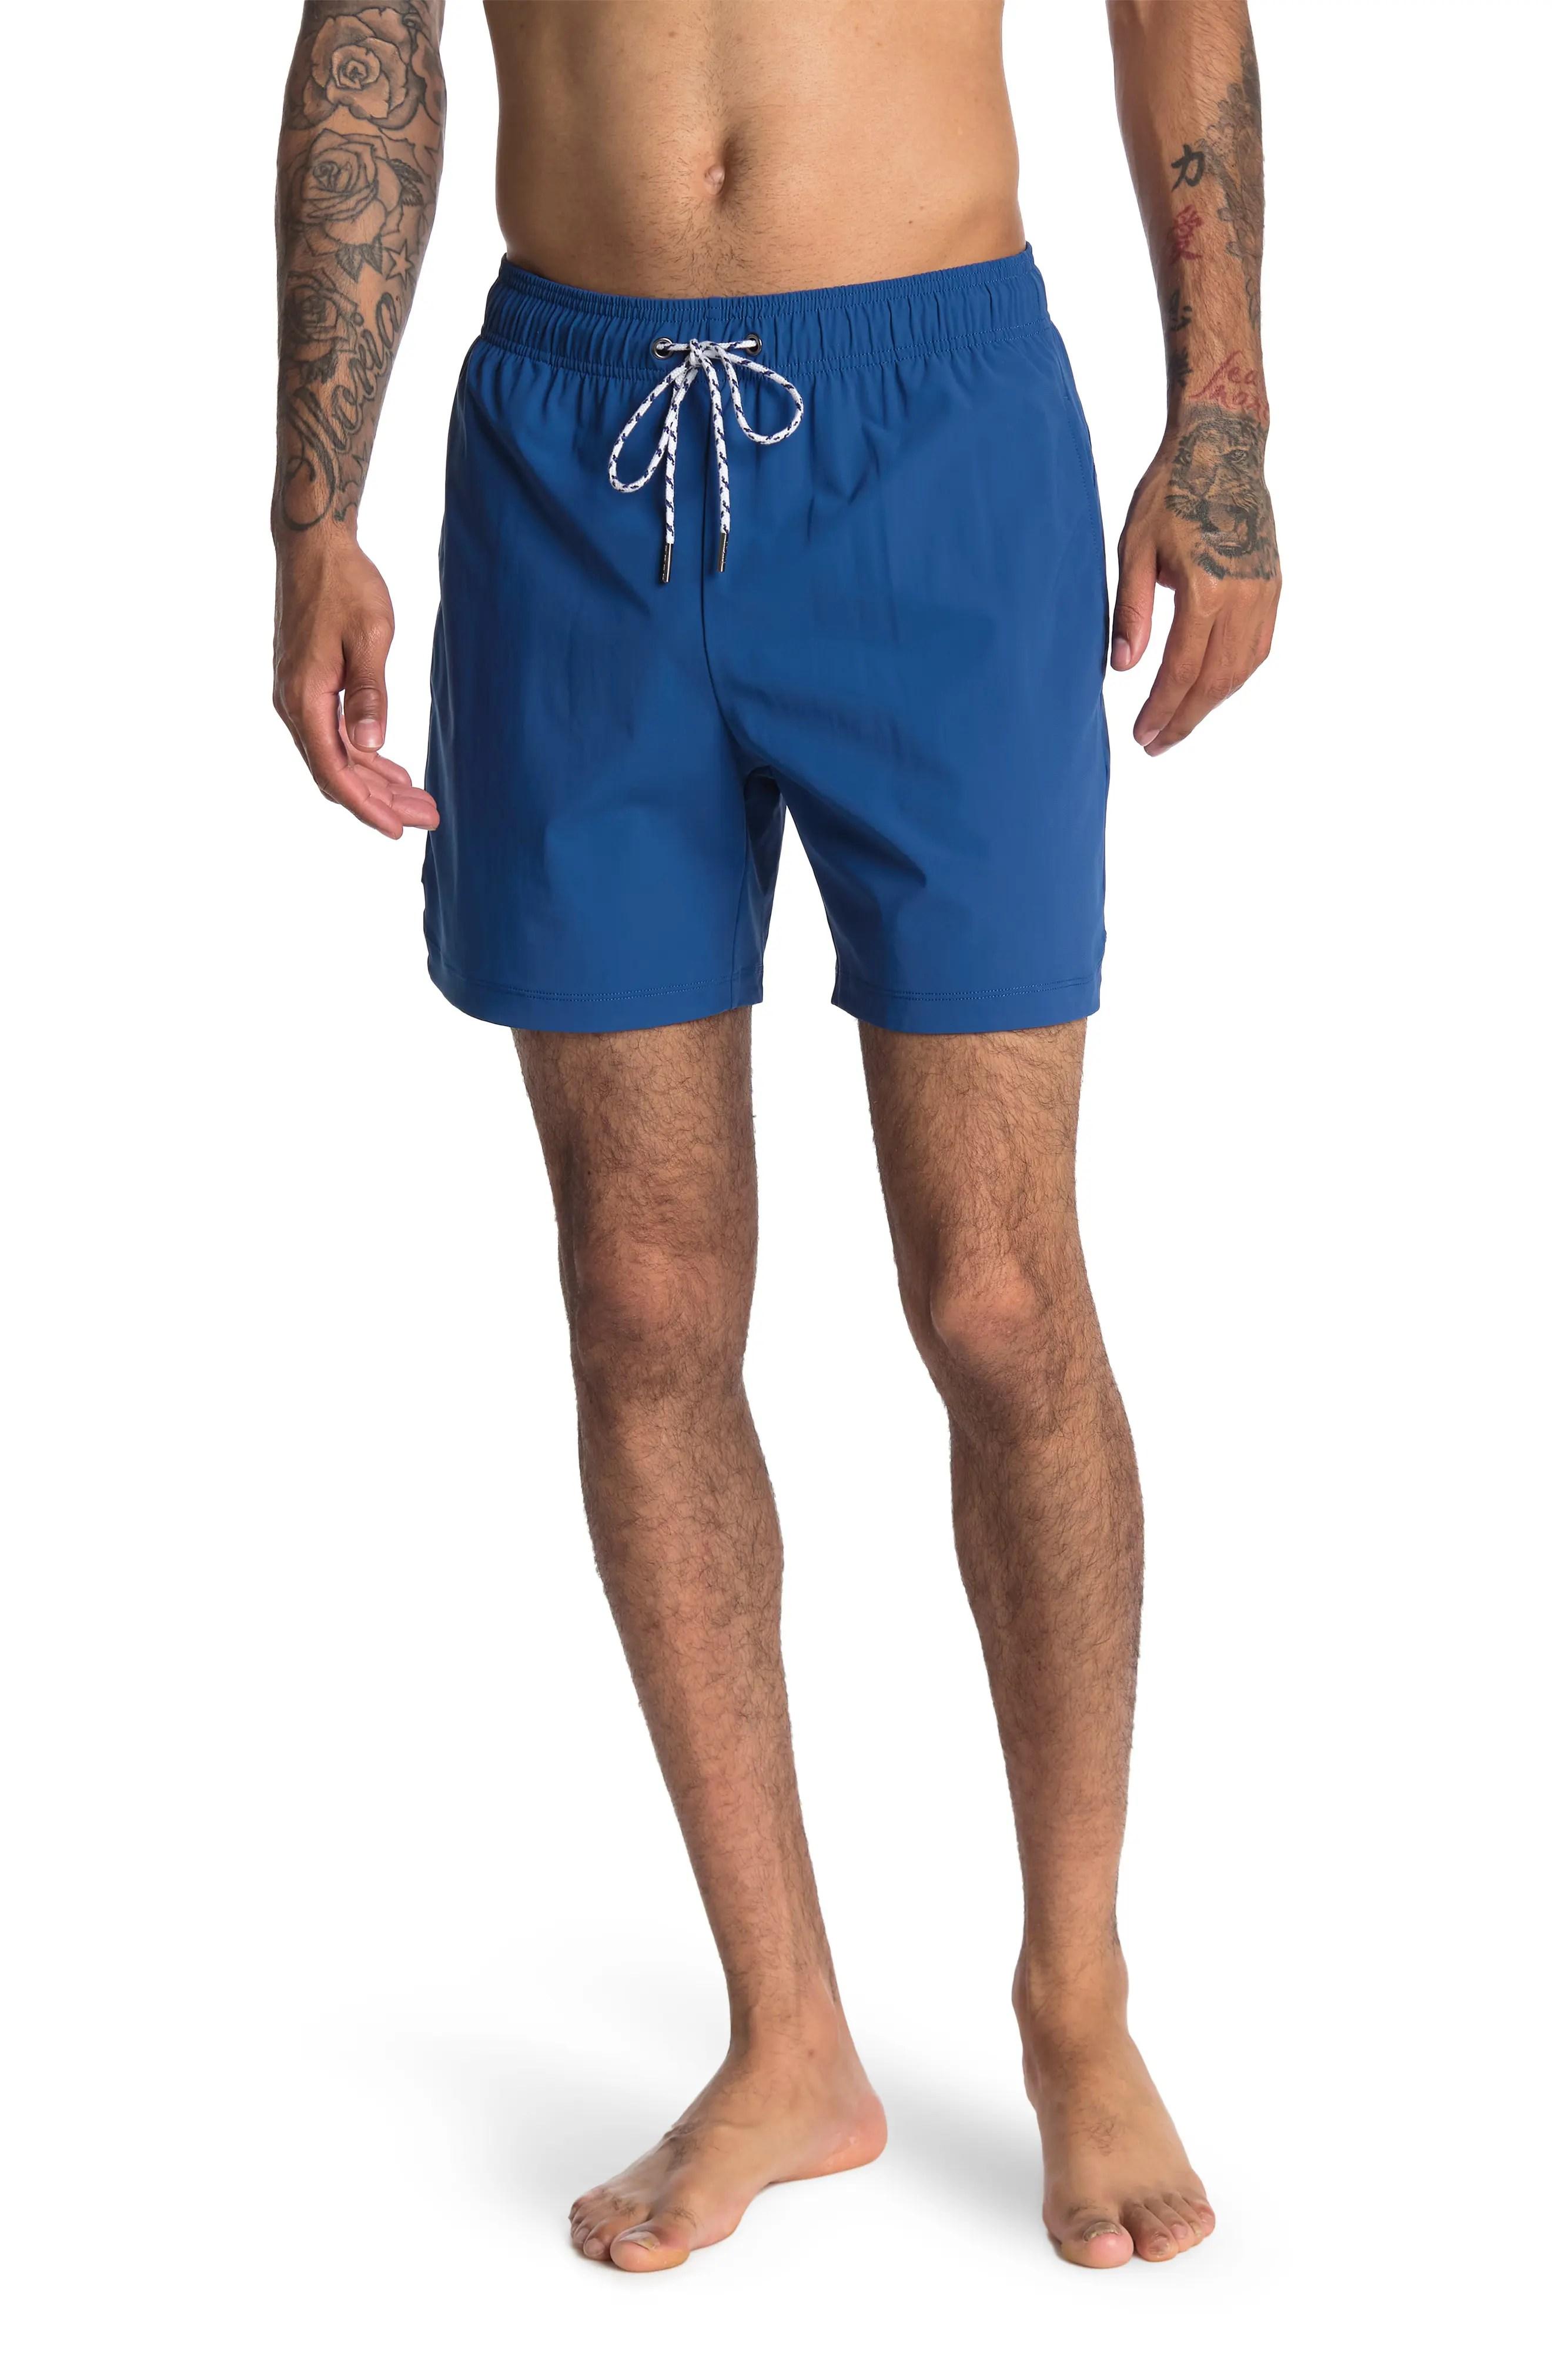 rhone shorts for men nordstrom rack